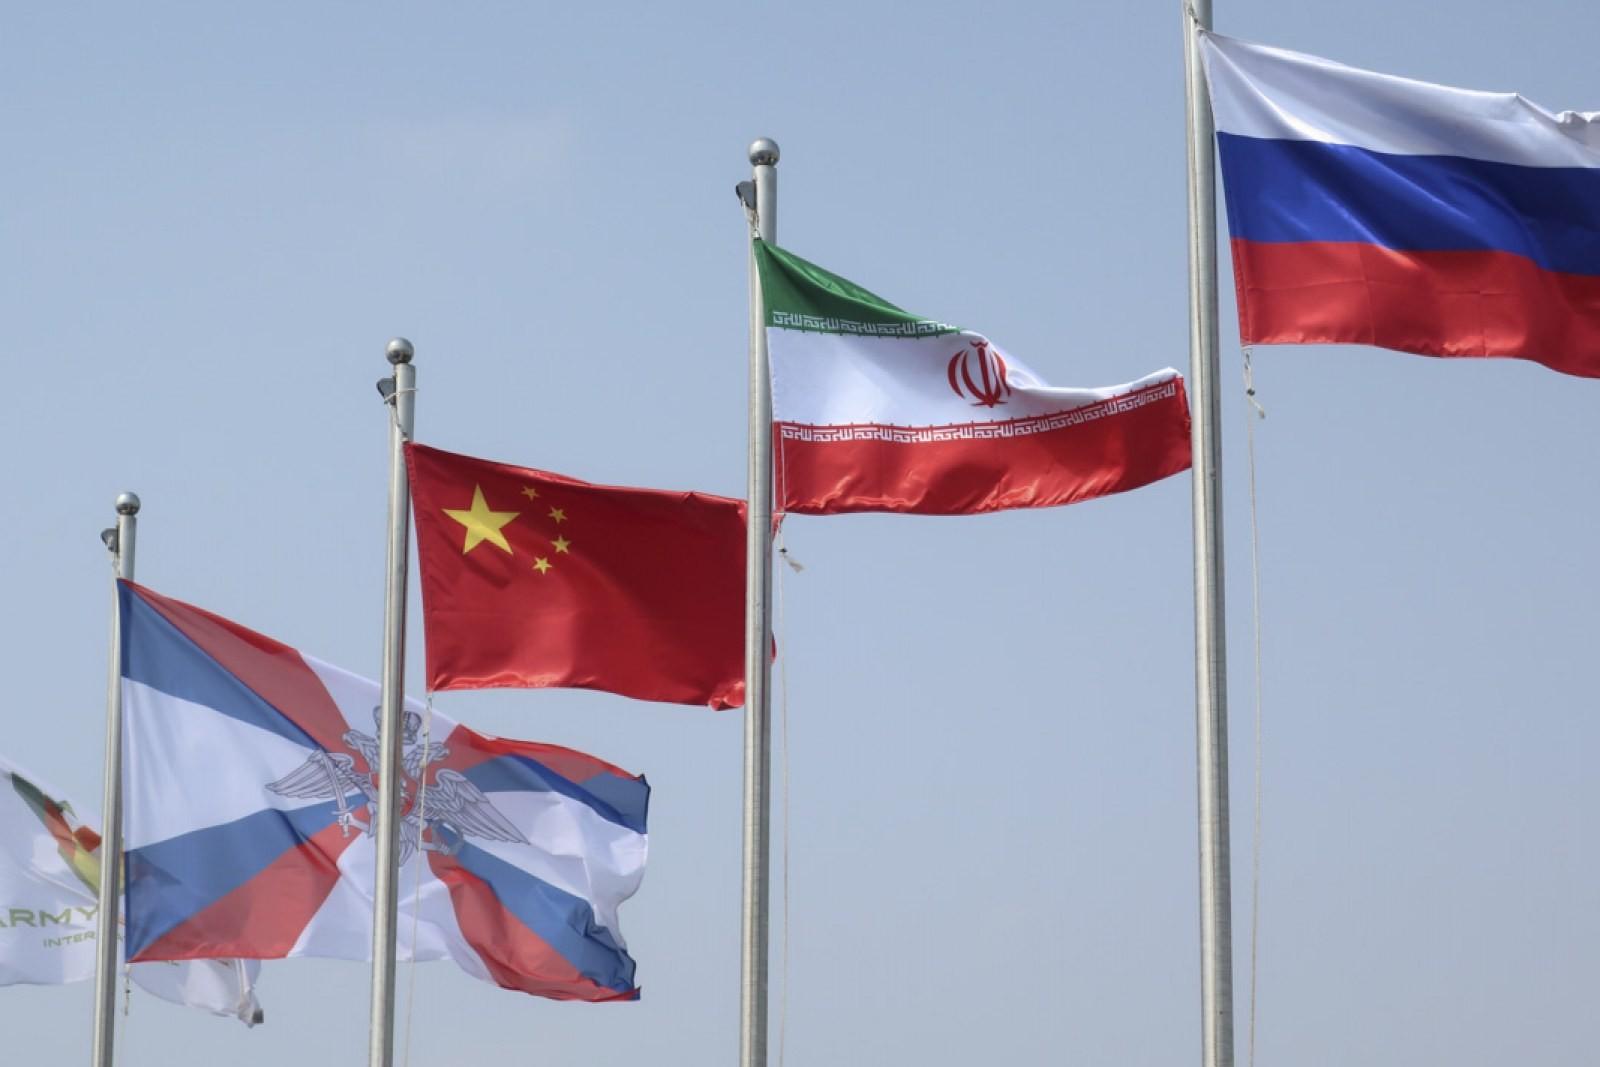 Zastave Kine, Irana i Rusije tokom Međunarodnih vojnih igara u Iranu, avgust 2019. (Foto: Russian Ministry of Defense)